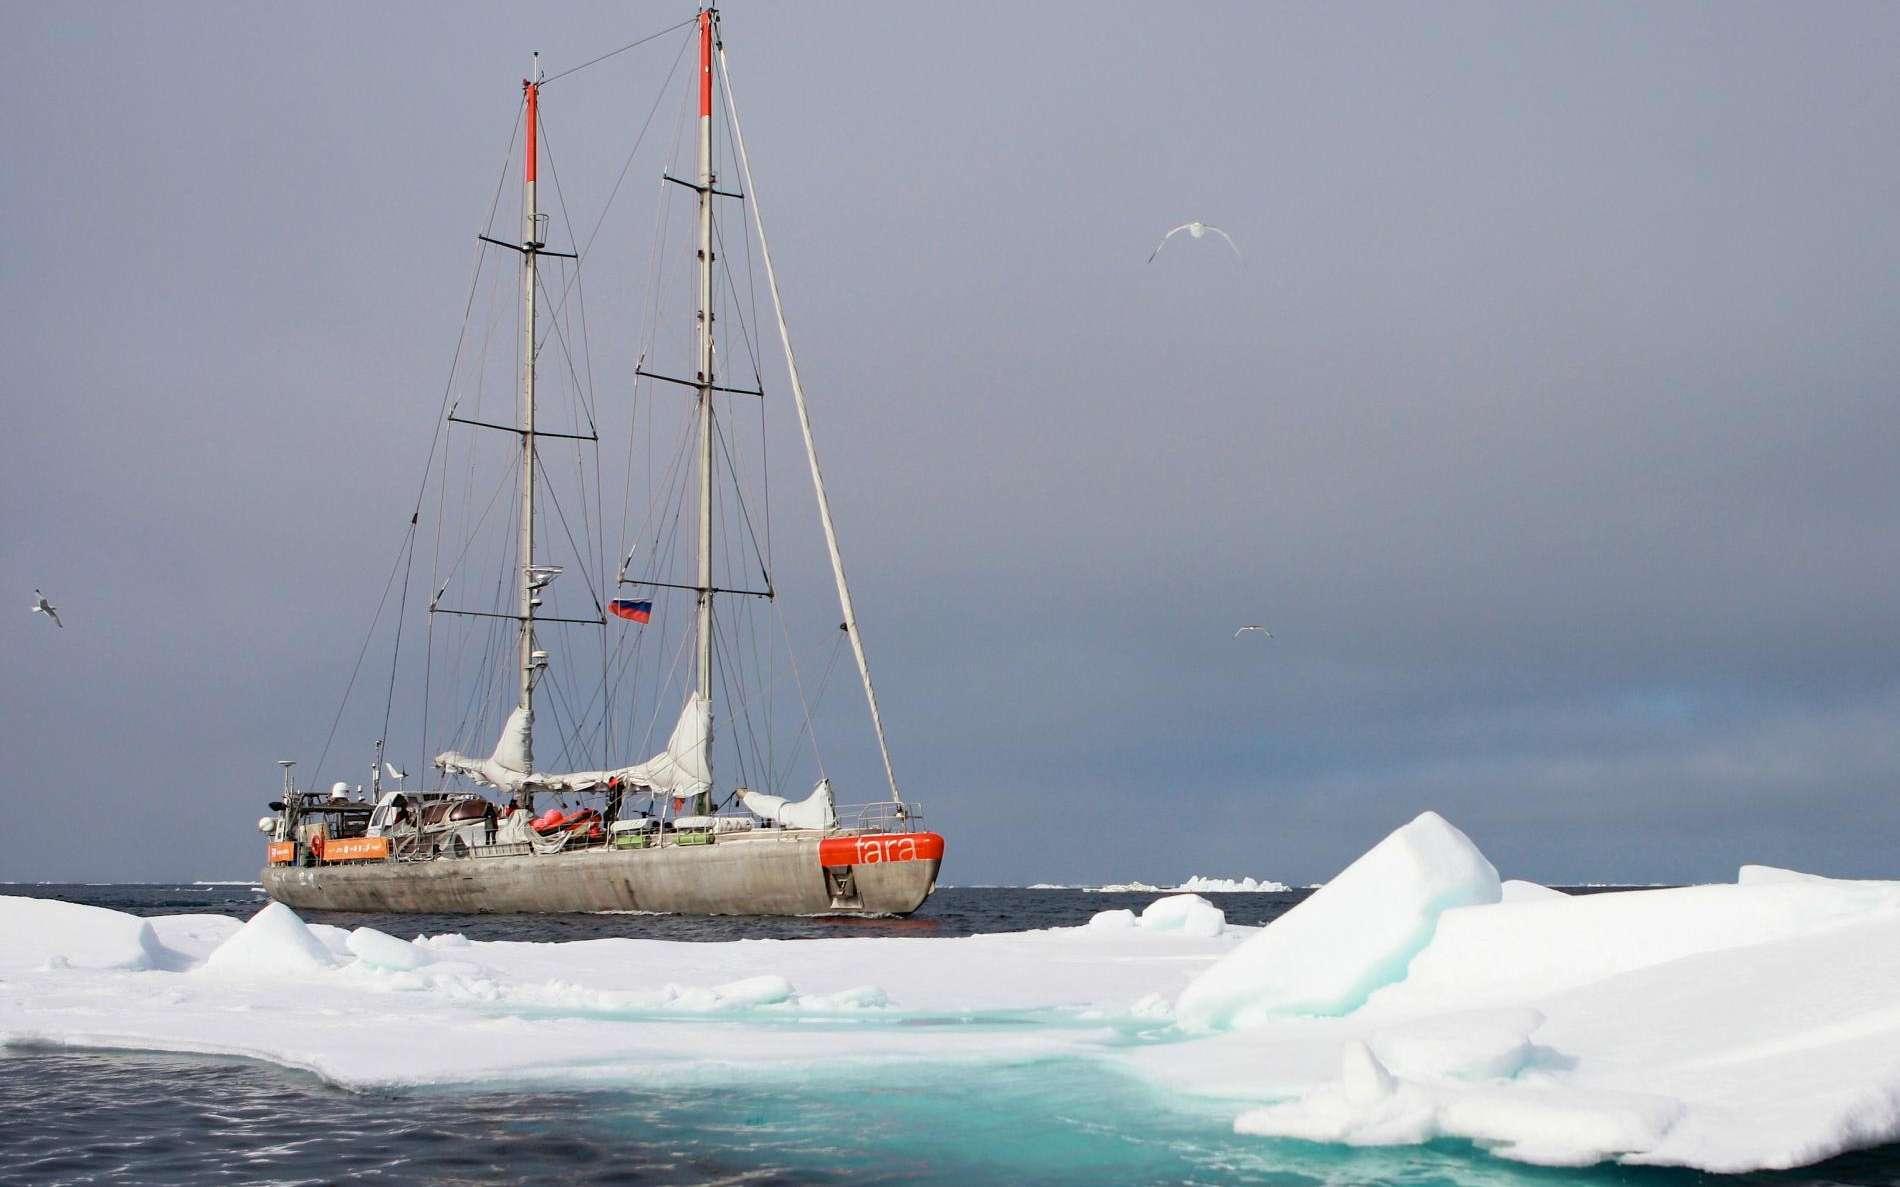 La goélette Tara lors de son expédition en Arctique en 2013. © Anna Deniaud, Fondation Tara Expéditions